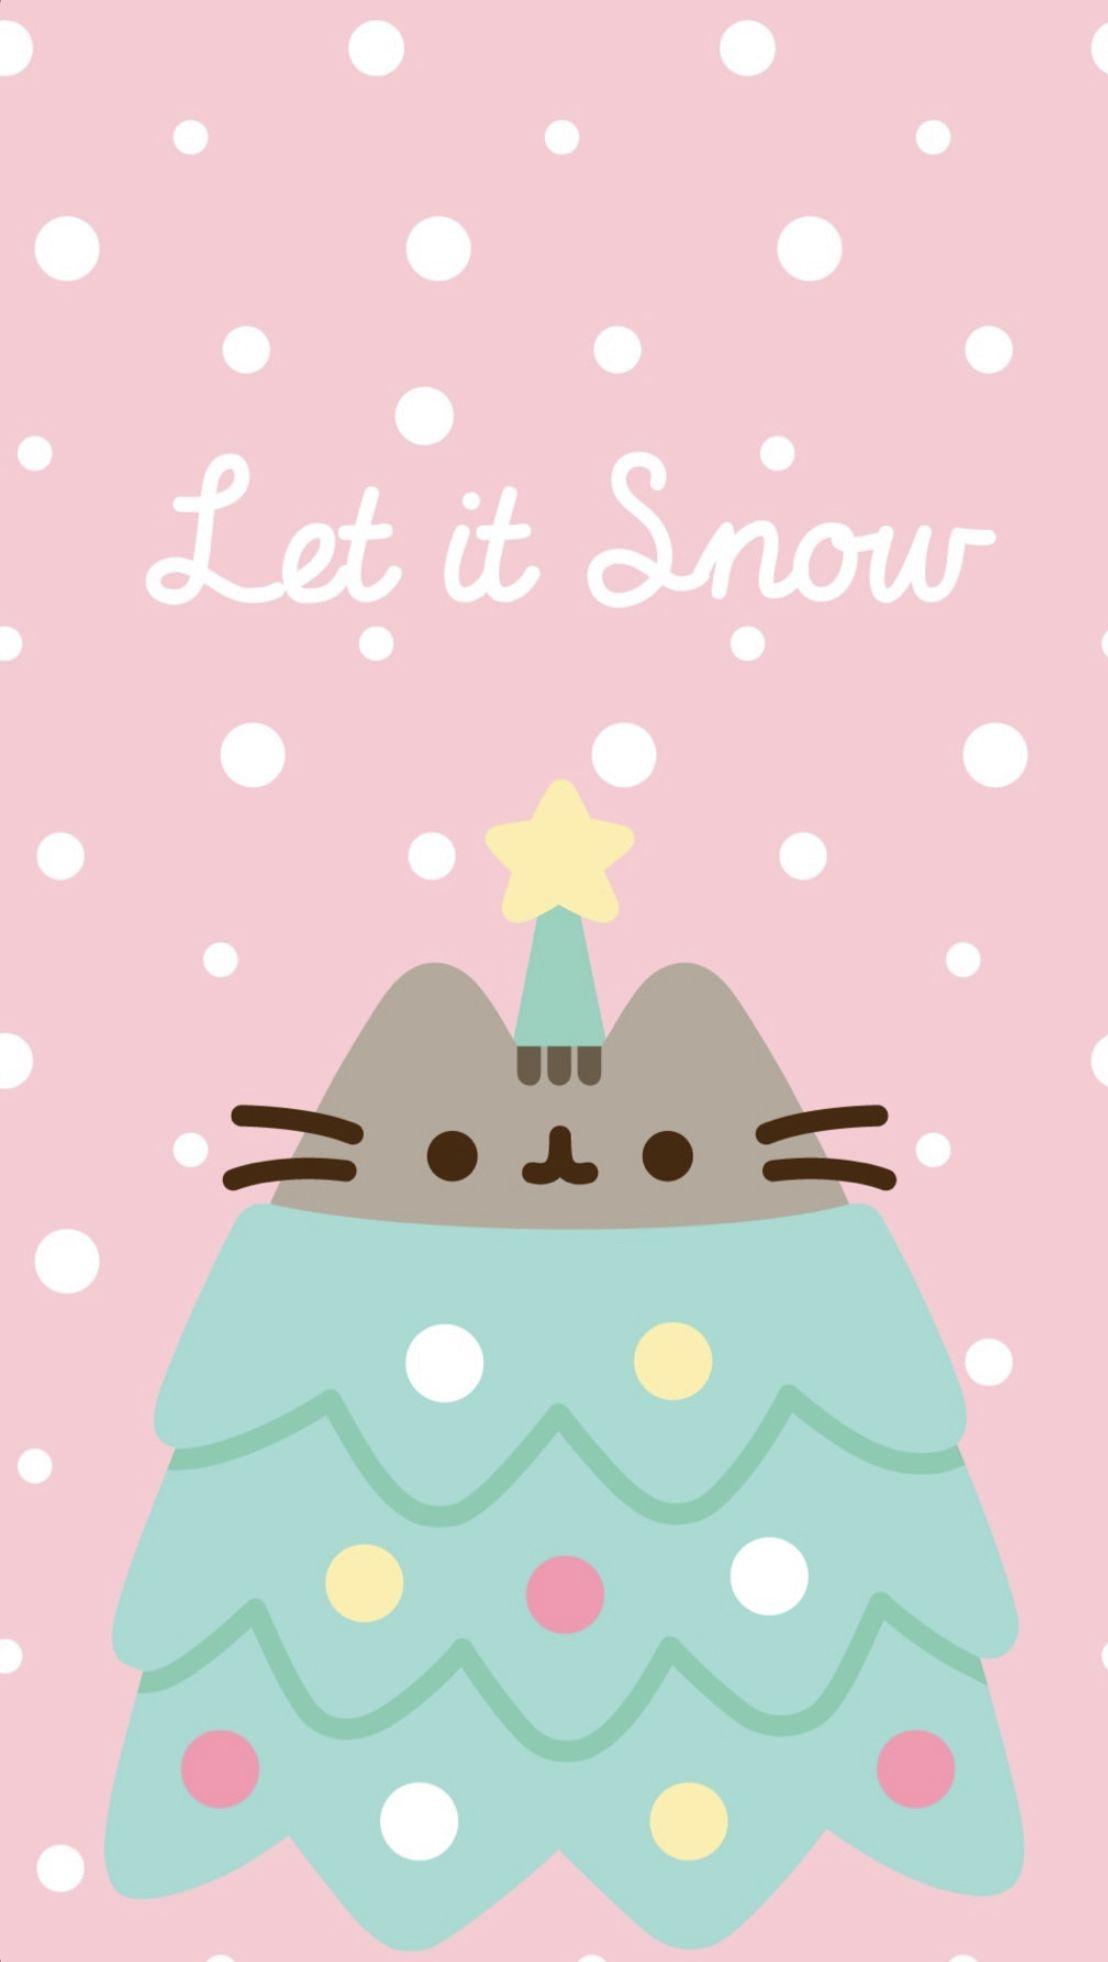 Pusheen Winter Wallpaper Pusheen Cat Pusheen Christmas Pusheen